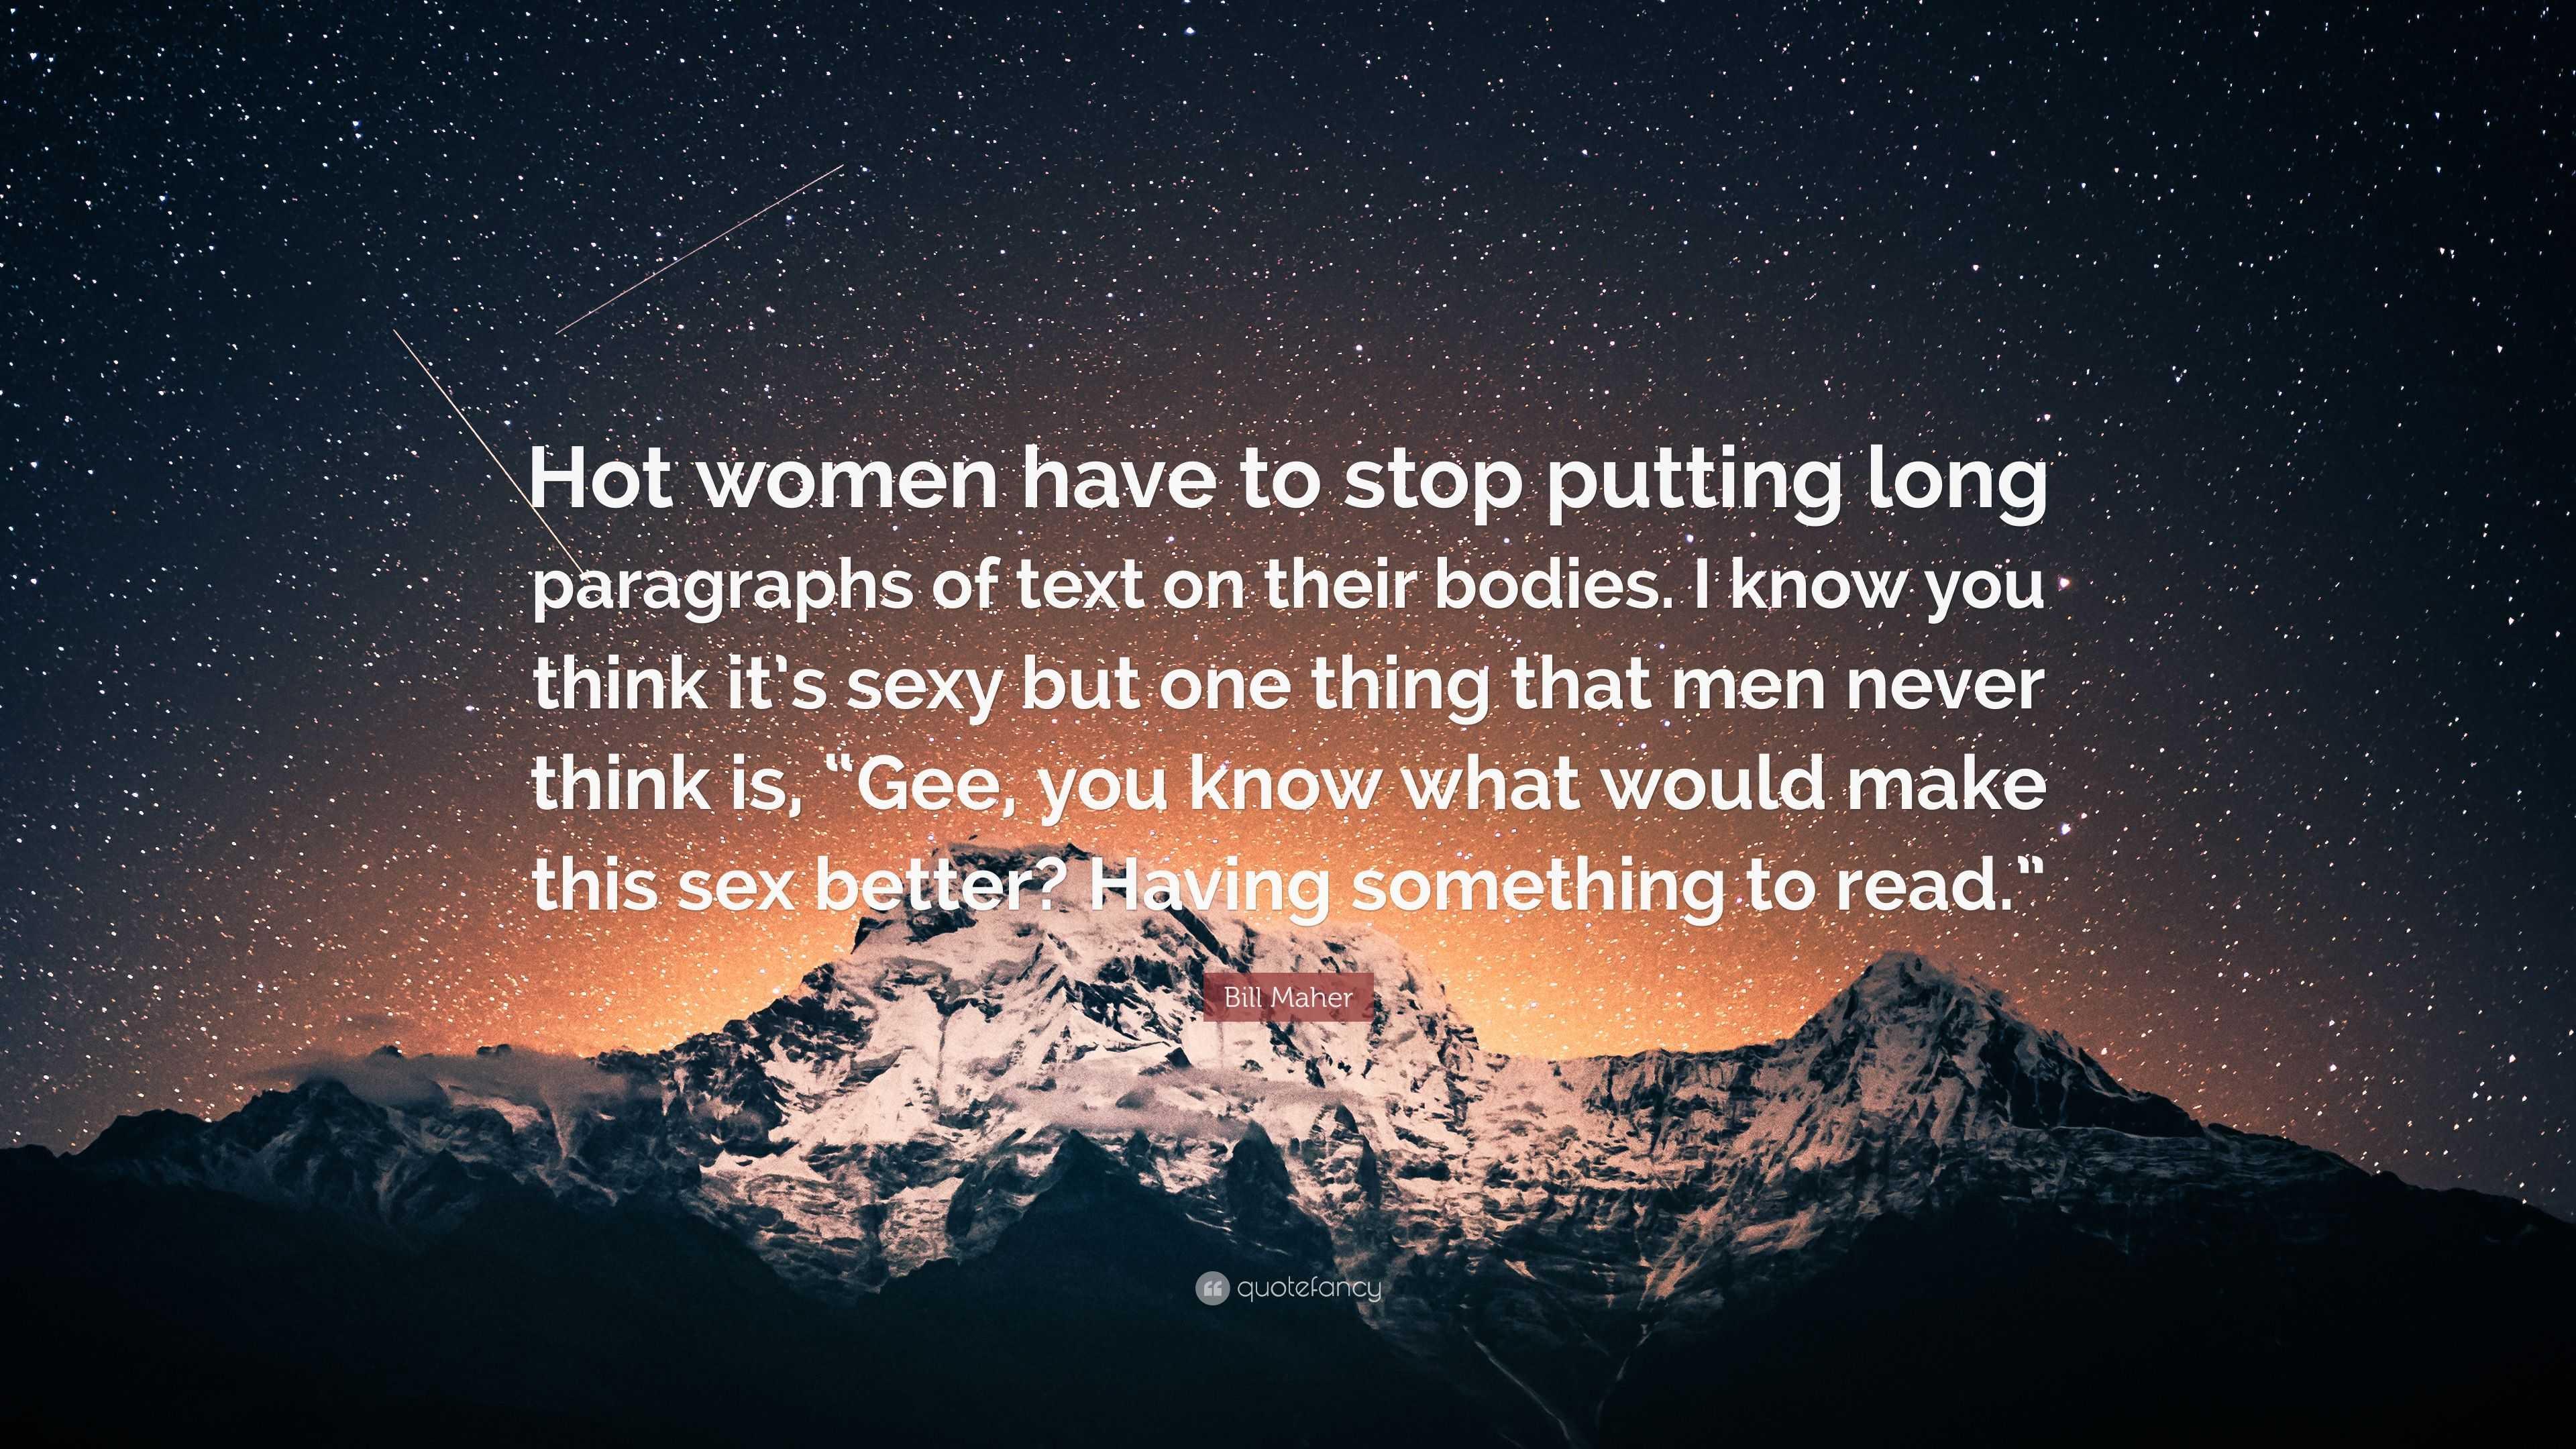 text hot women